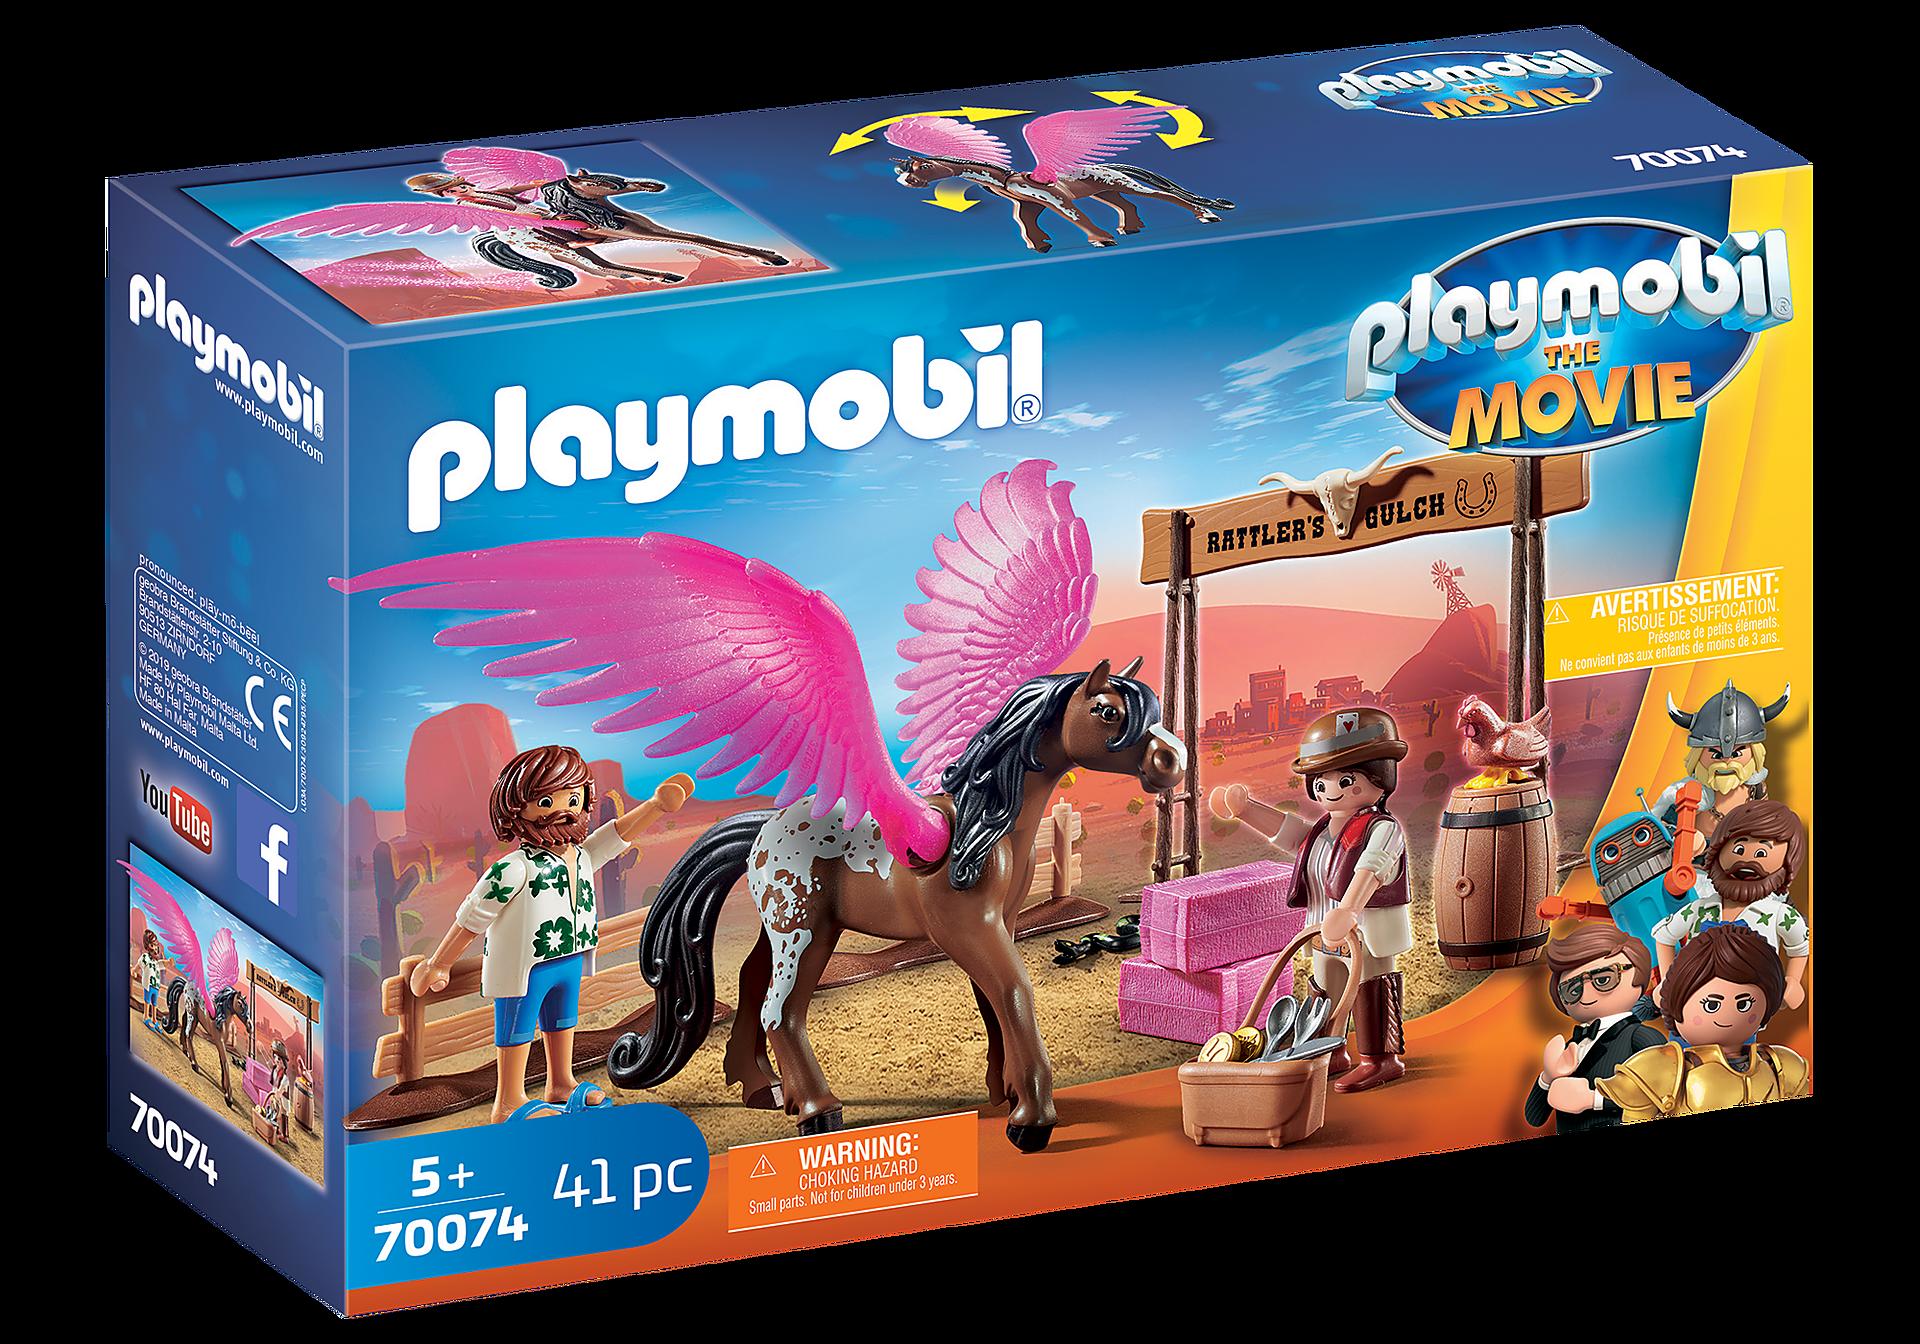 70074 PLAYMOBIL: THE MOVIE Marla et Del avec cheval ailé  zoom image2